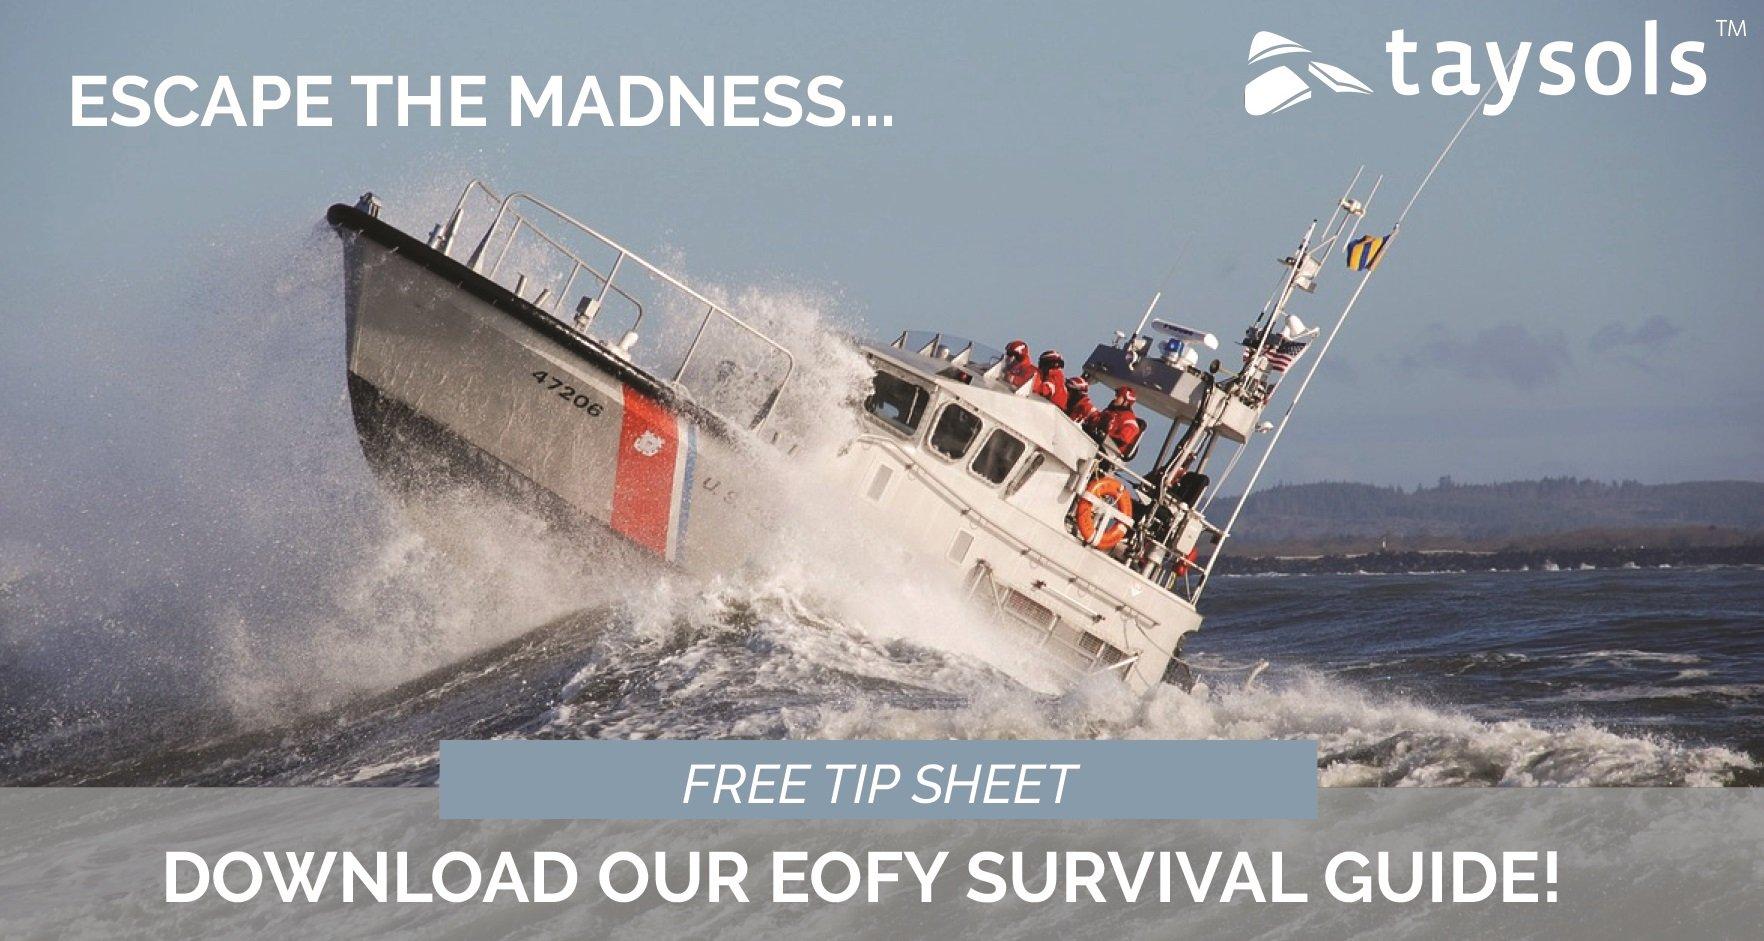 taysols_tip sheet_EOFY survival guide